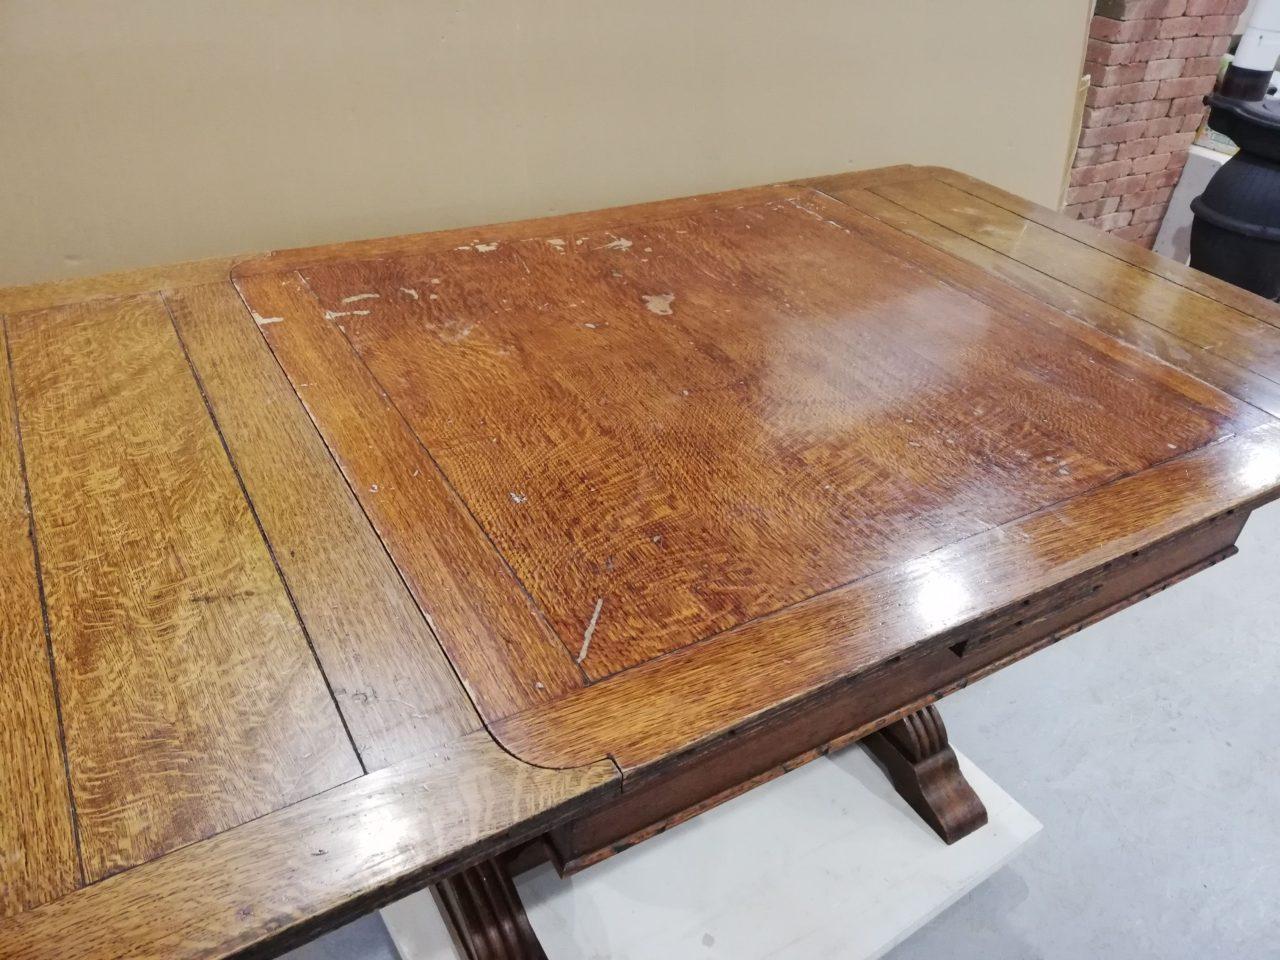 アンティークなテーブル、椅子共に全体にがたつきがある為、分解し、組み直し、補強他、細かい所もチェックしながら進めました。最後に塗装もしています。